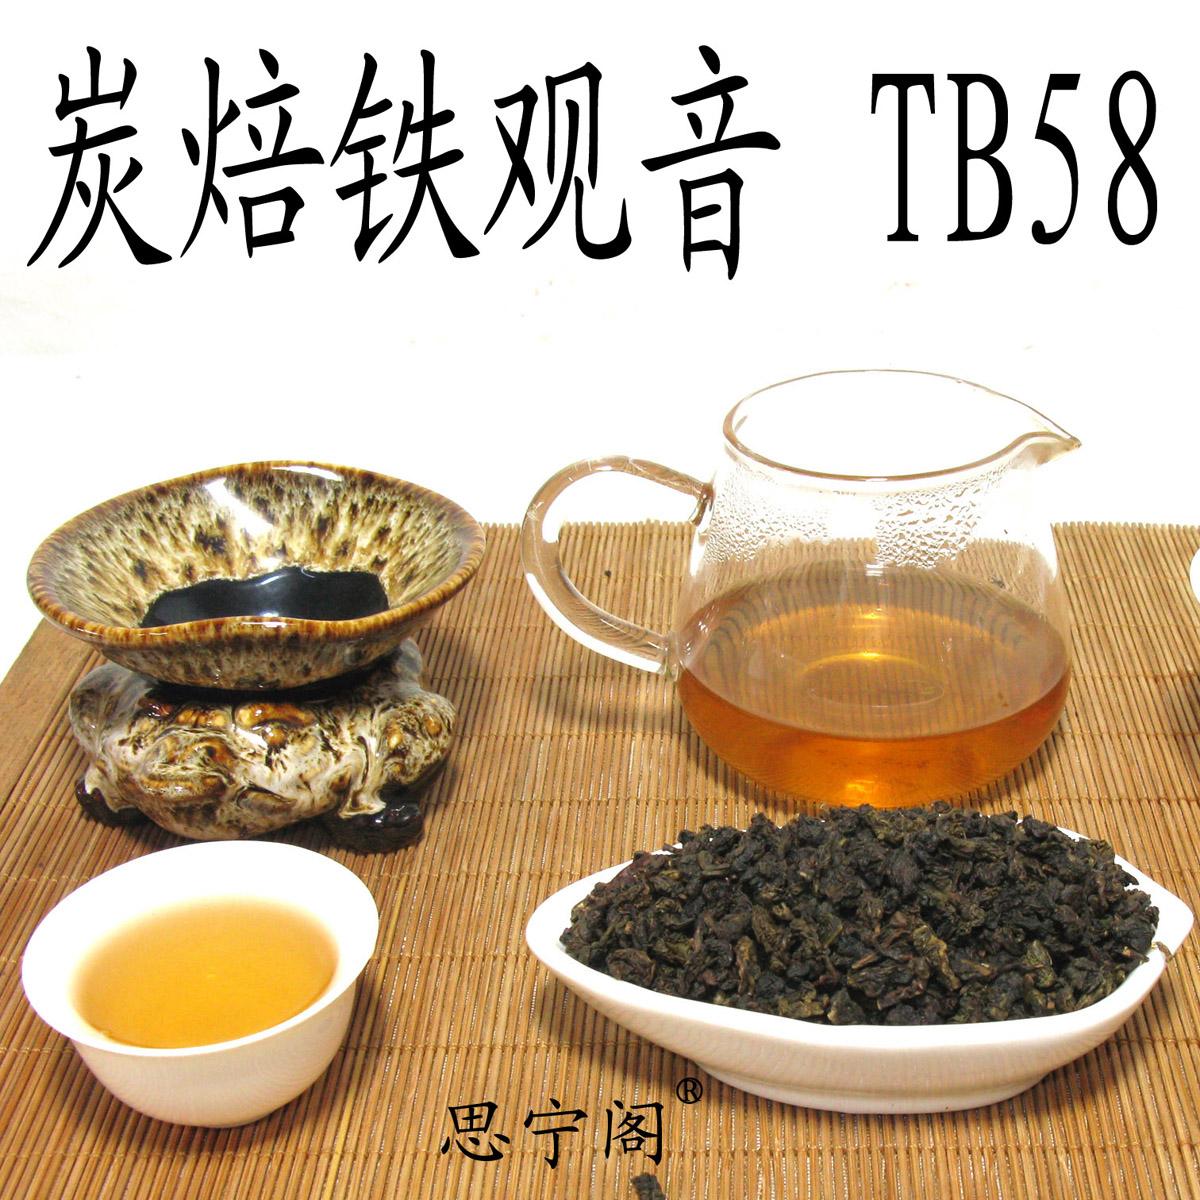 碳培铁观音 浓香型 碳焙熟茶 炭焙铁观音 柴烧 乌龙茶叶 春茶TB58